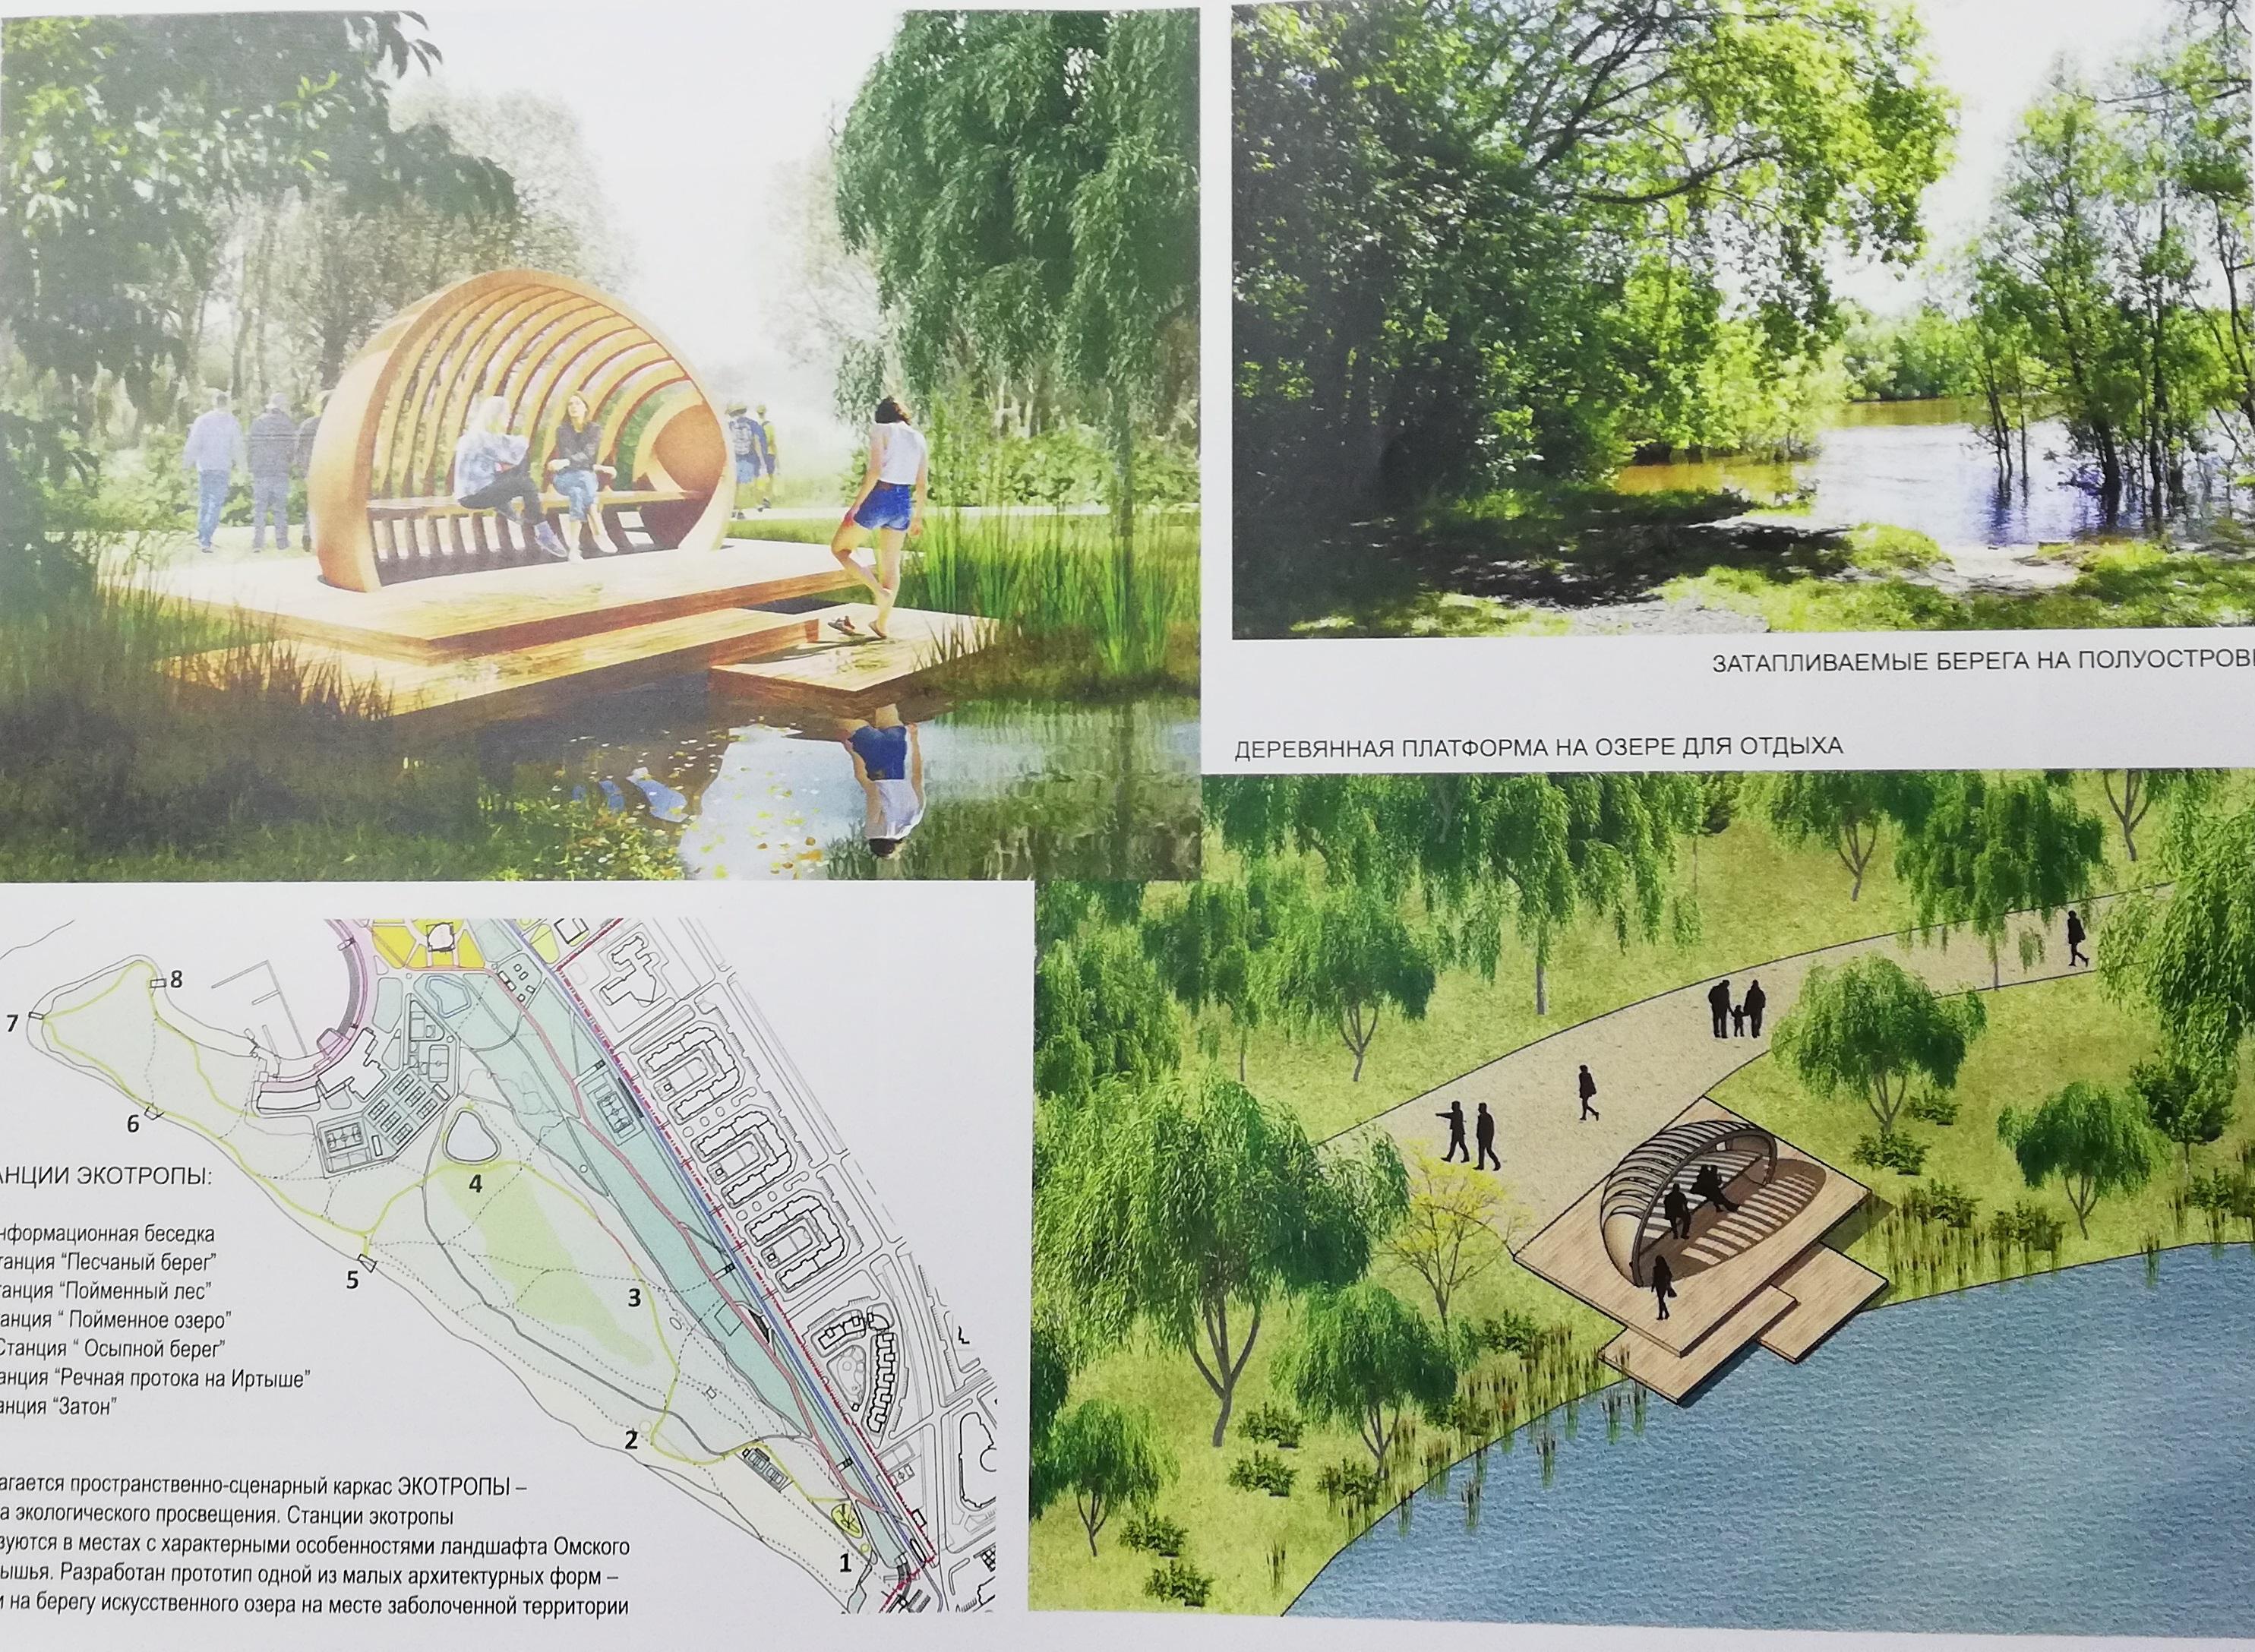 Сокин рассказал, как будут благоустраивать парк «Зеленый остров» #Новости #Общество #Омск